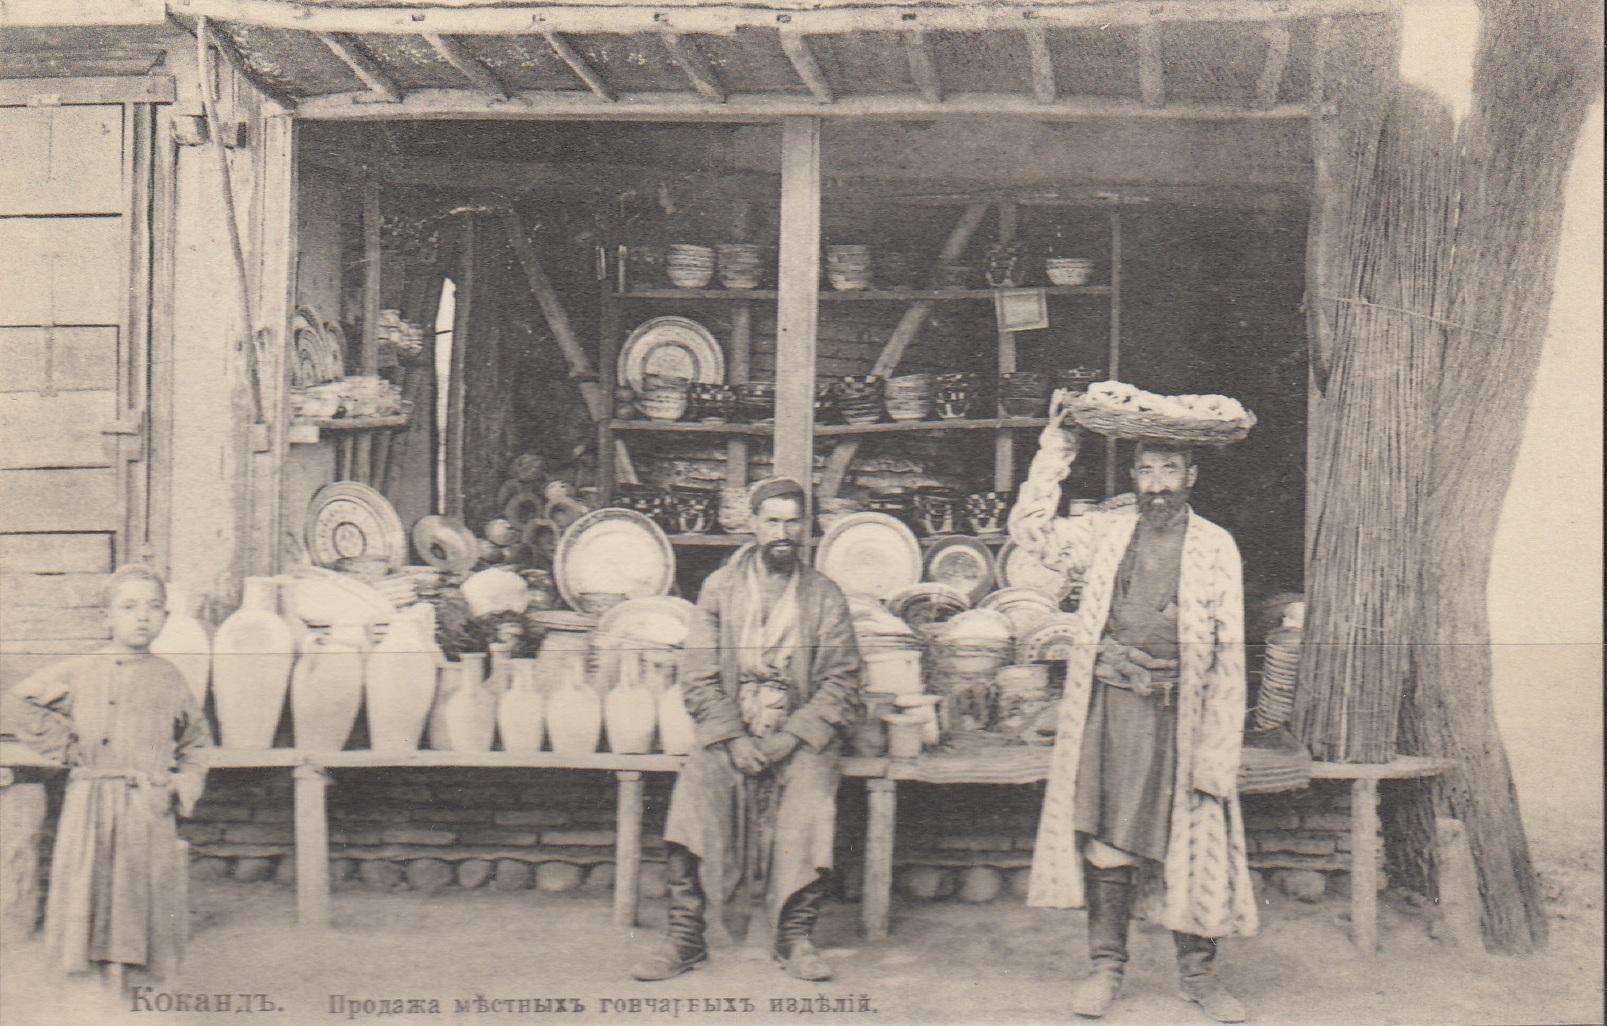 Продажа местных гончарных изделий